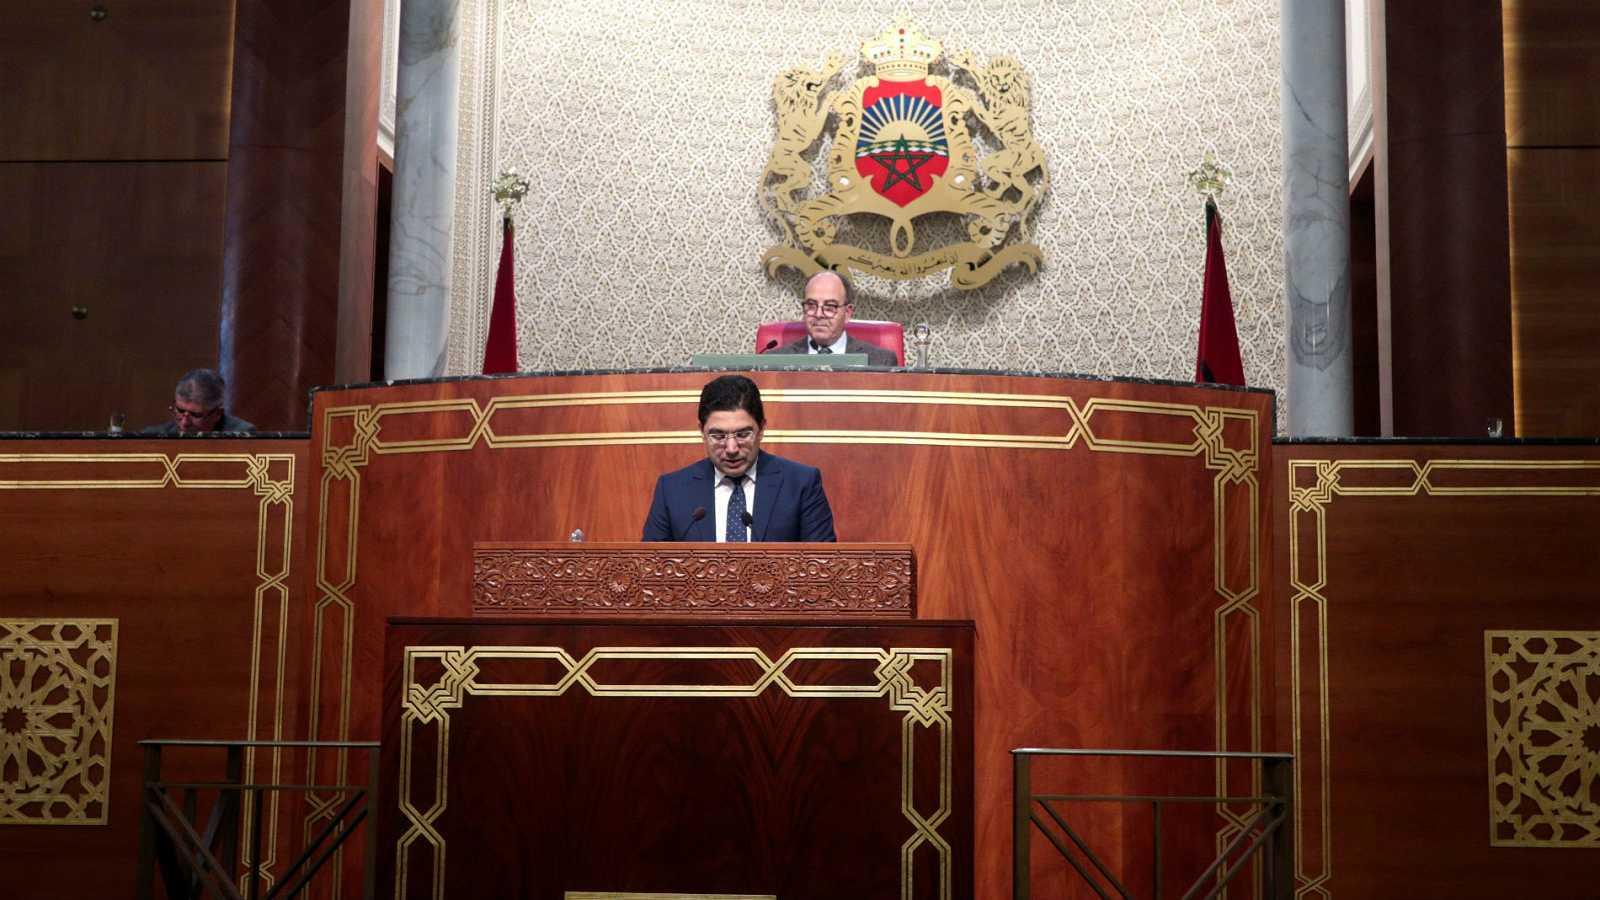 La Cámara Alta marroquí aprueba las leyes de delimitación marítima